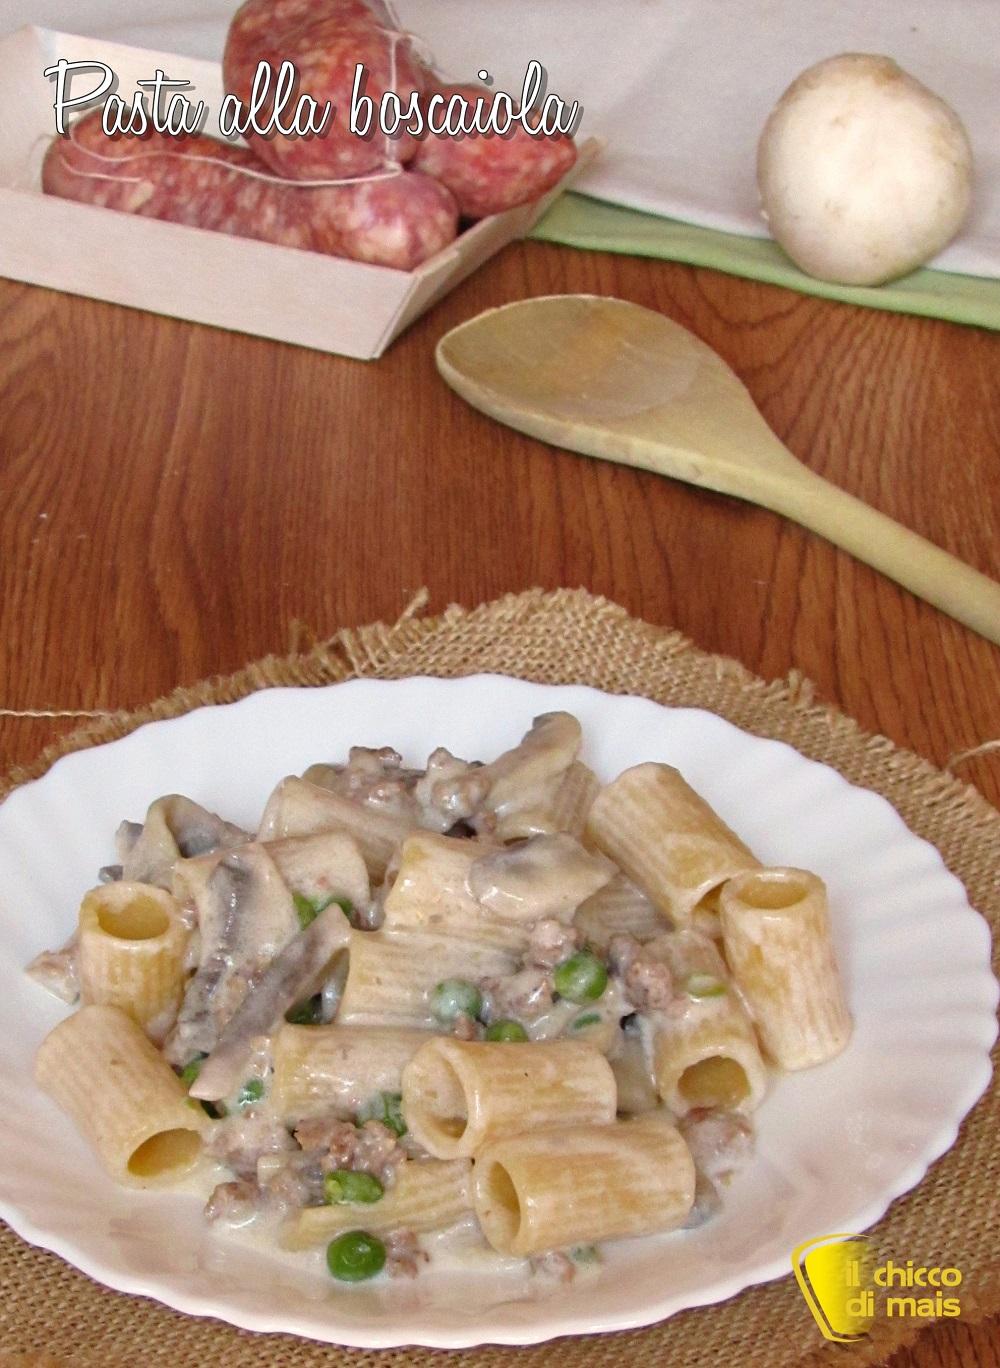 verticale_Pasta alla boscaiola ricetta pasta con panna salsiccia funghi e piselli il chicco di mais